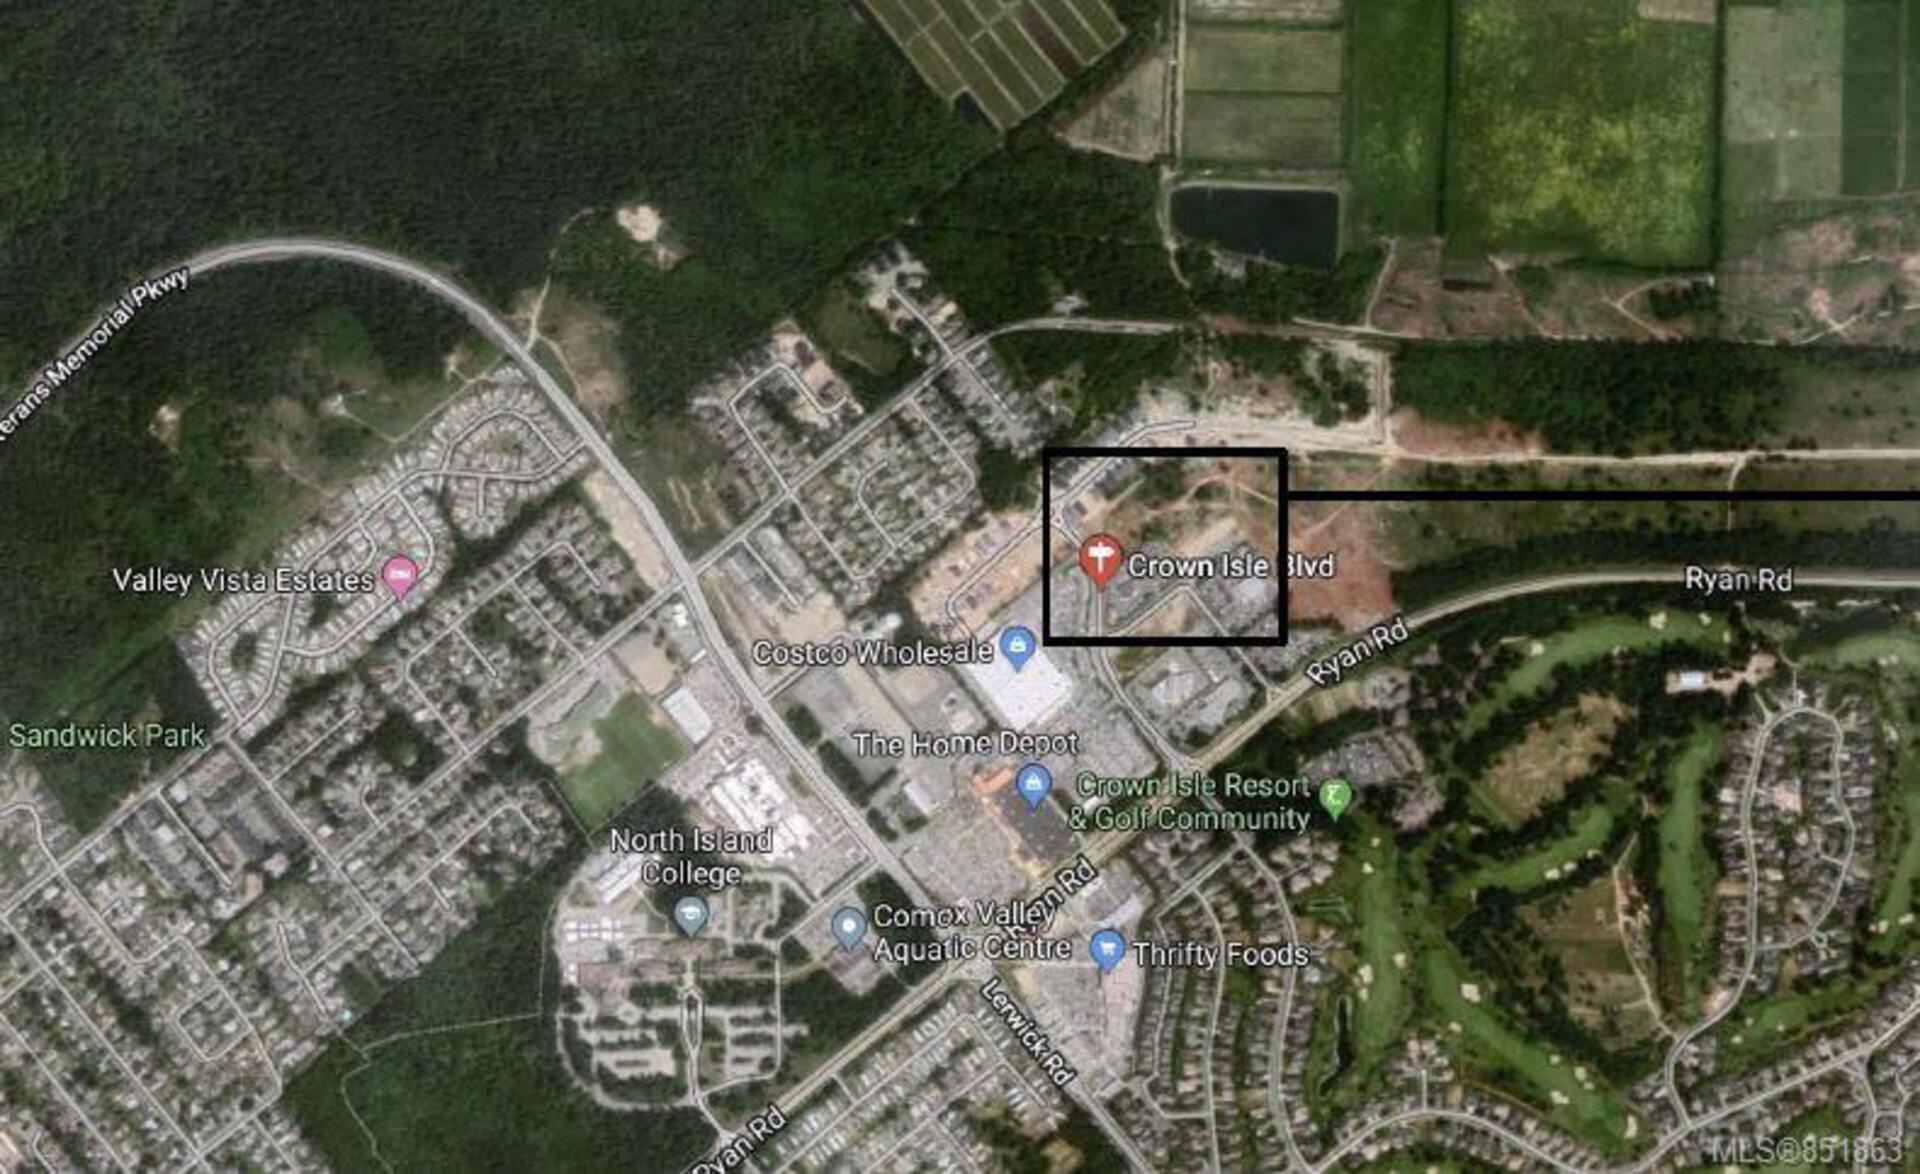 623-crown-isle-boulevard-crown-isle-comox-valley-10 at SL 4 - 623 Crown Isle Boulevard, Crown Isle, Comox Valley